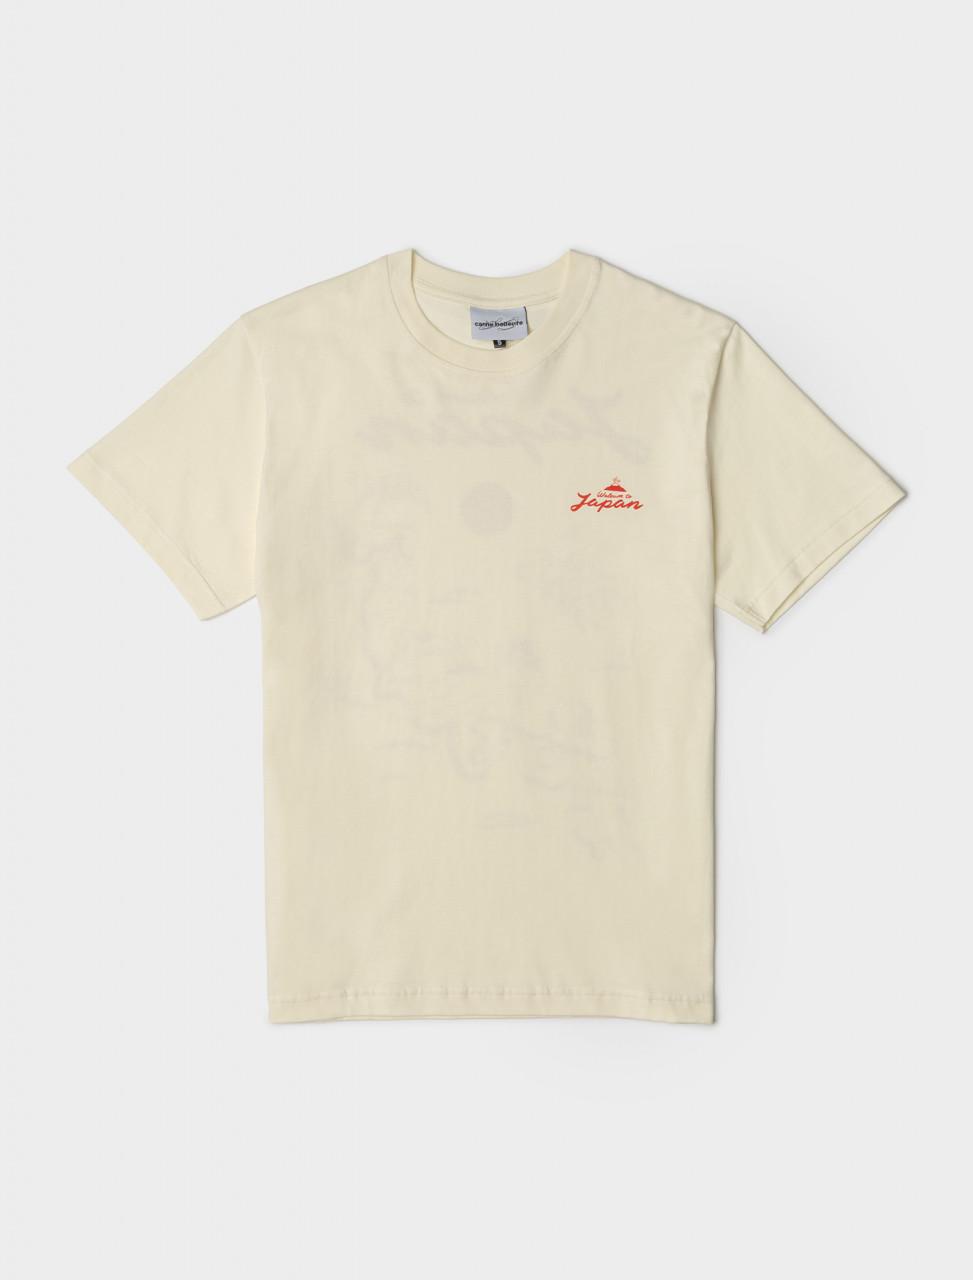 Secrets of Pleasure Island T-Shirt